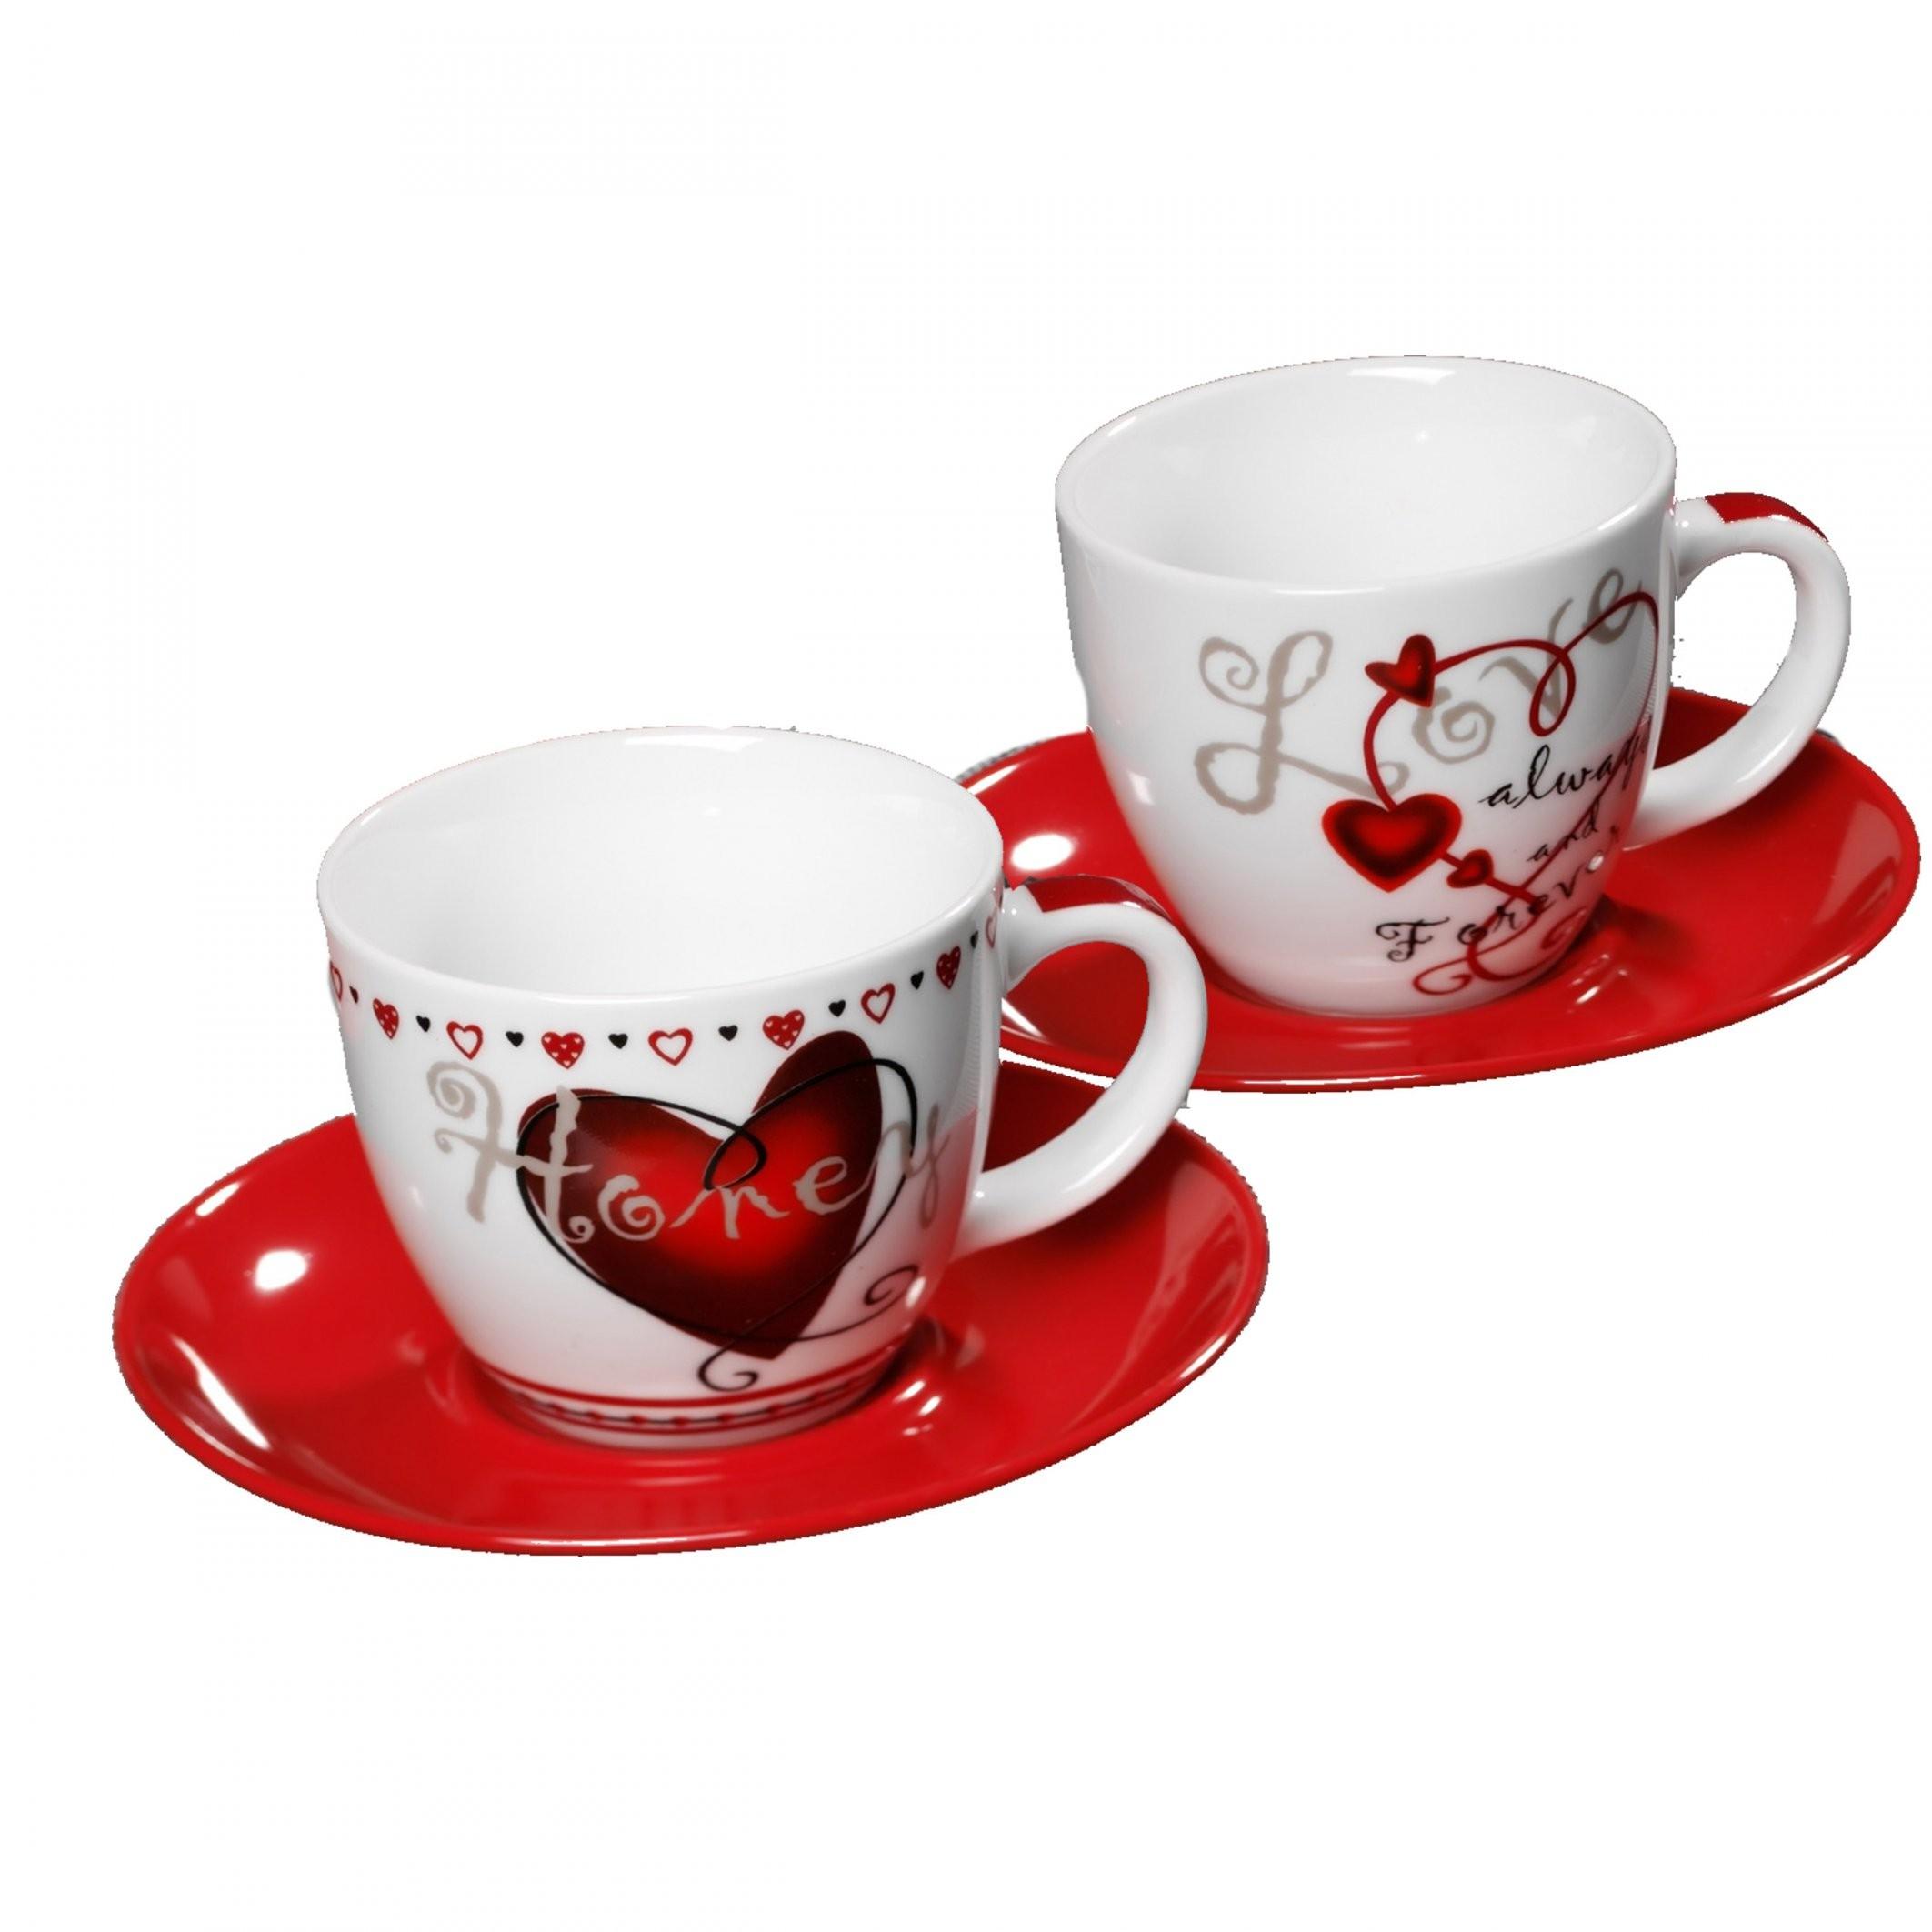 Ritzenhoff & Breker Forever Love Cappuccino Set 2 Cups & 2 Saucers von Ritzenhoff Kaffeetassen Set Bild